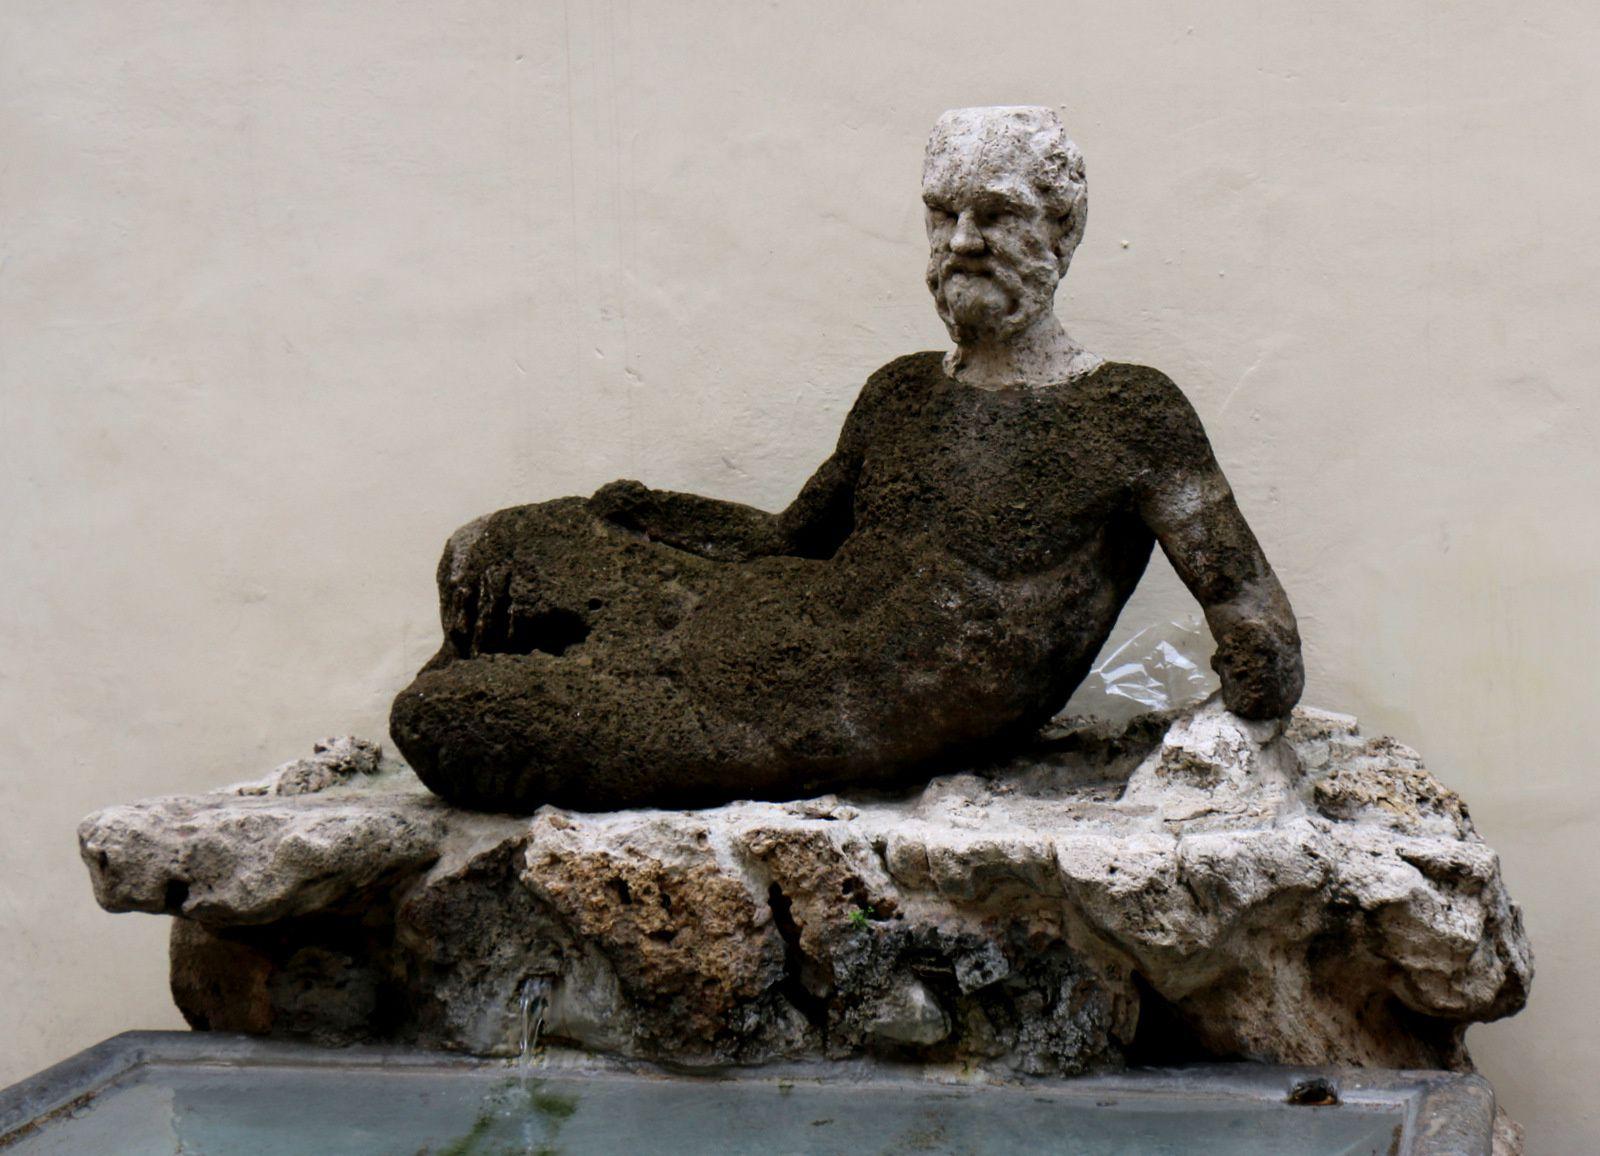 La fontaine del Babuino, Rome